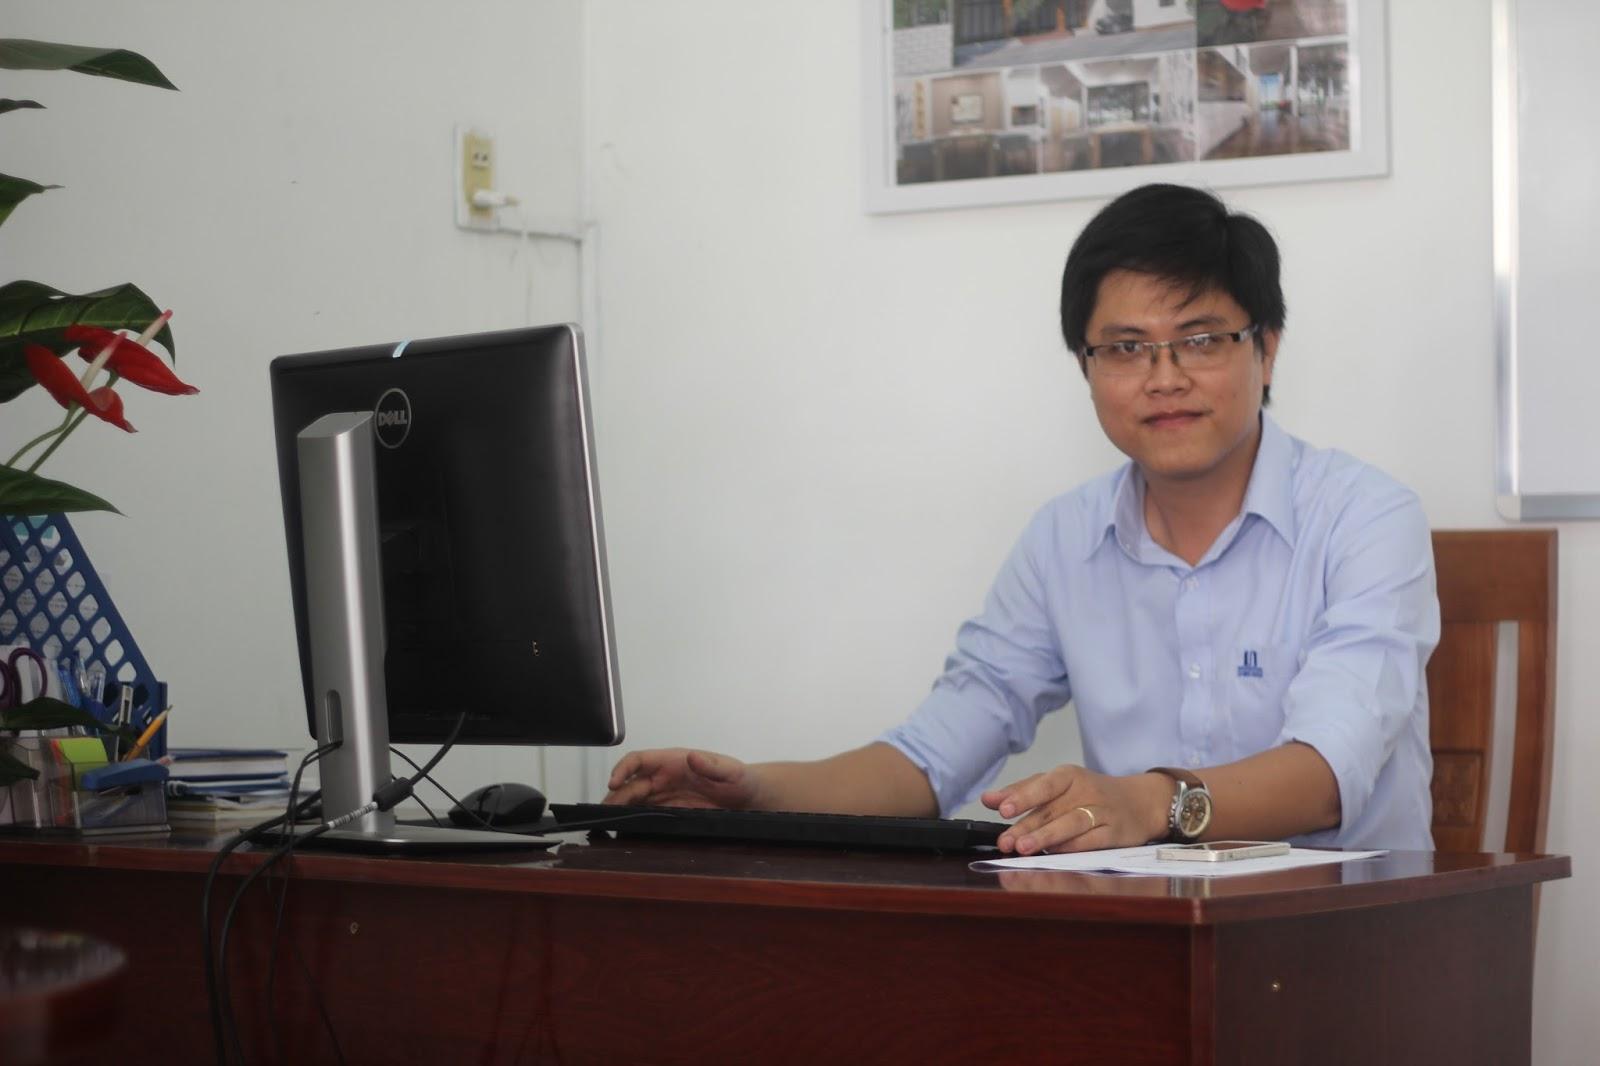 Kiến trúc sư Nguyễn Ngọc Vương giám dốc dự án